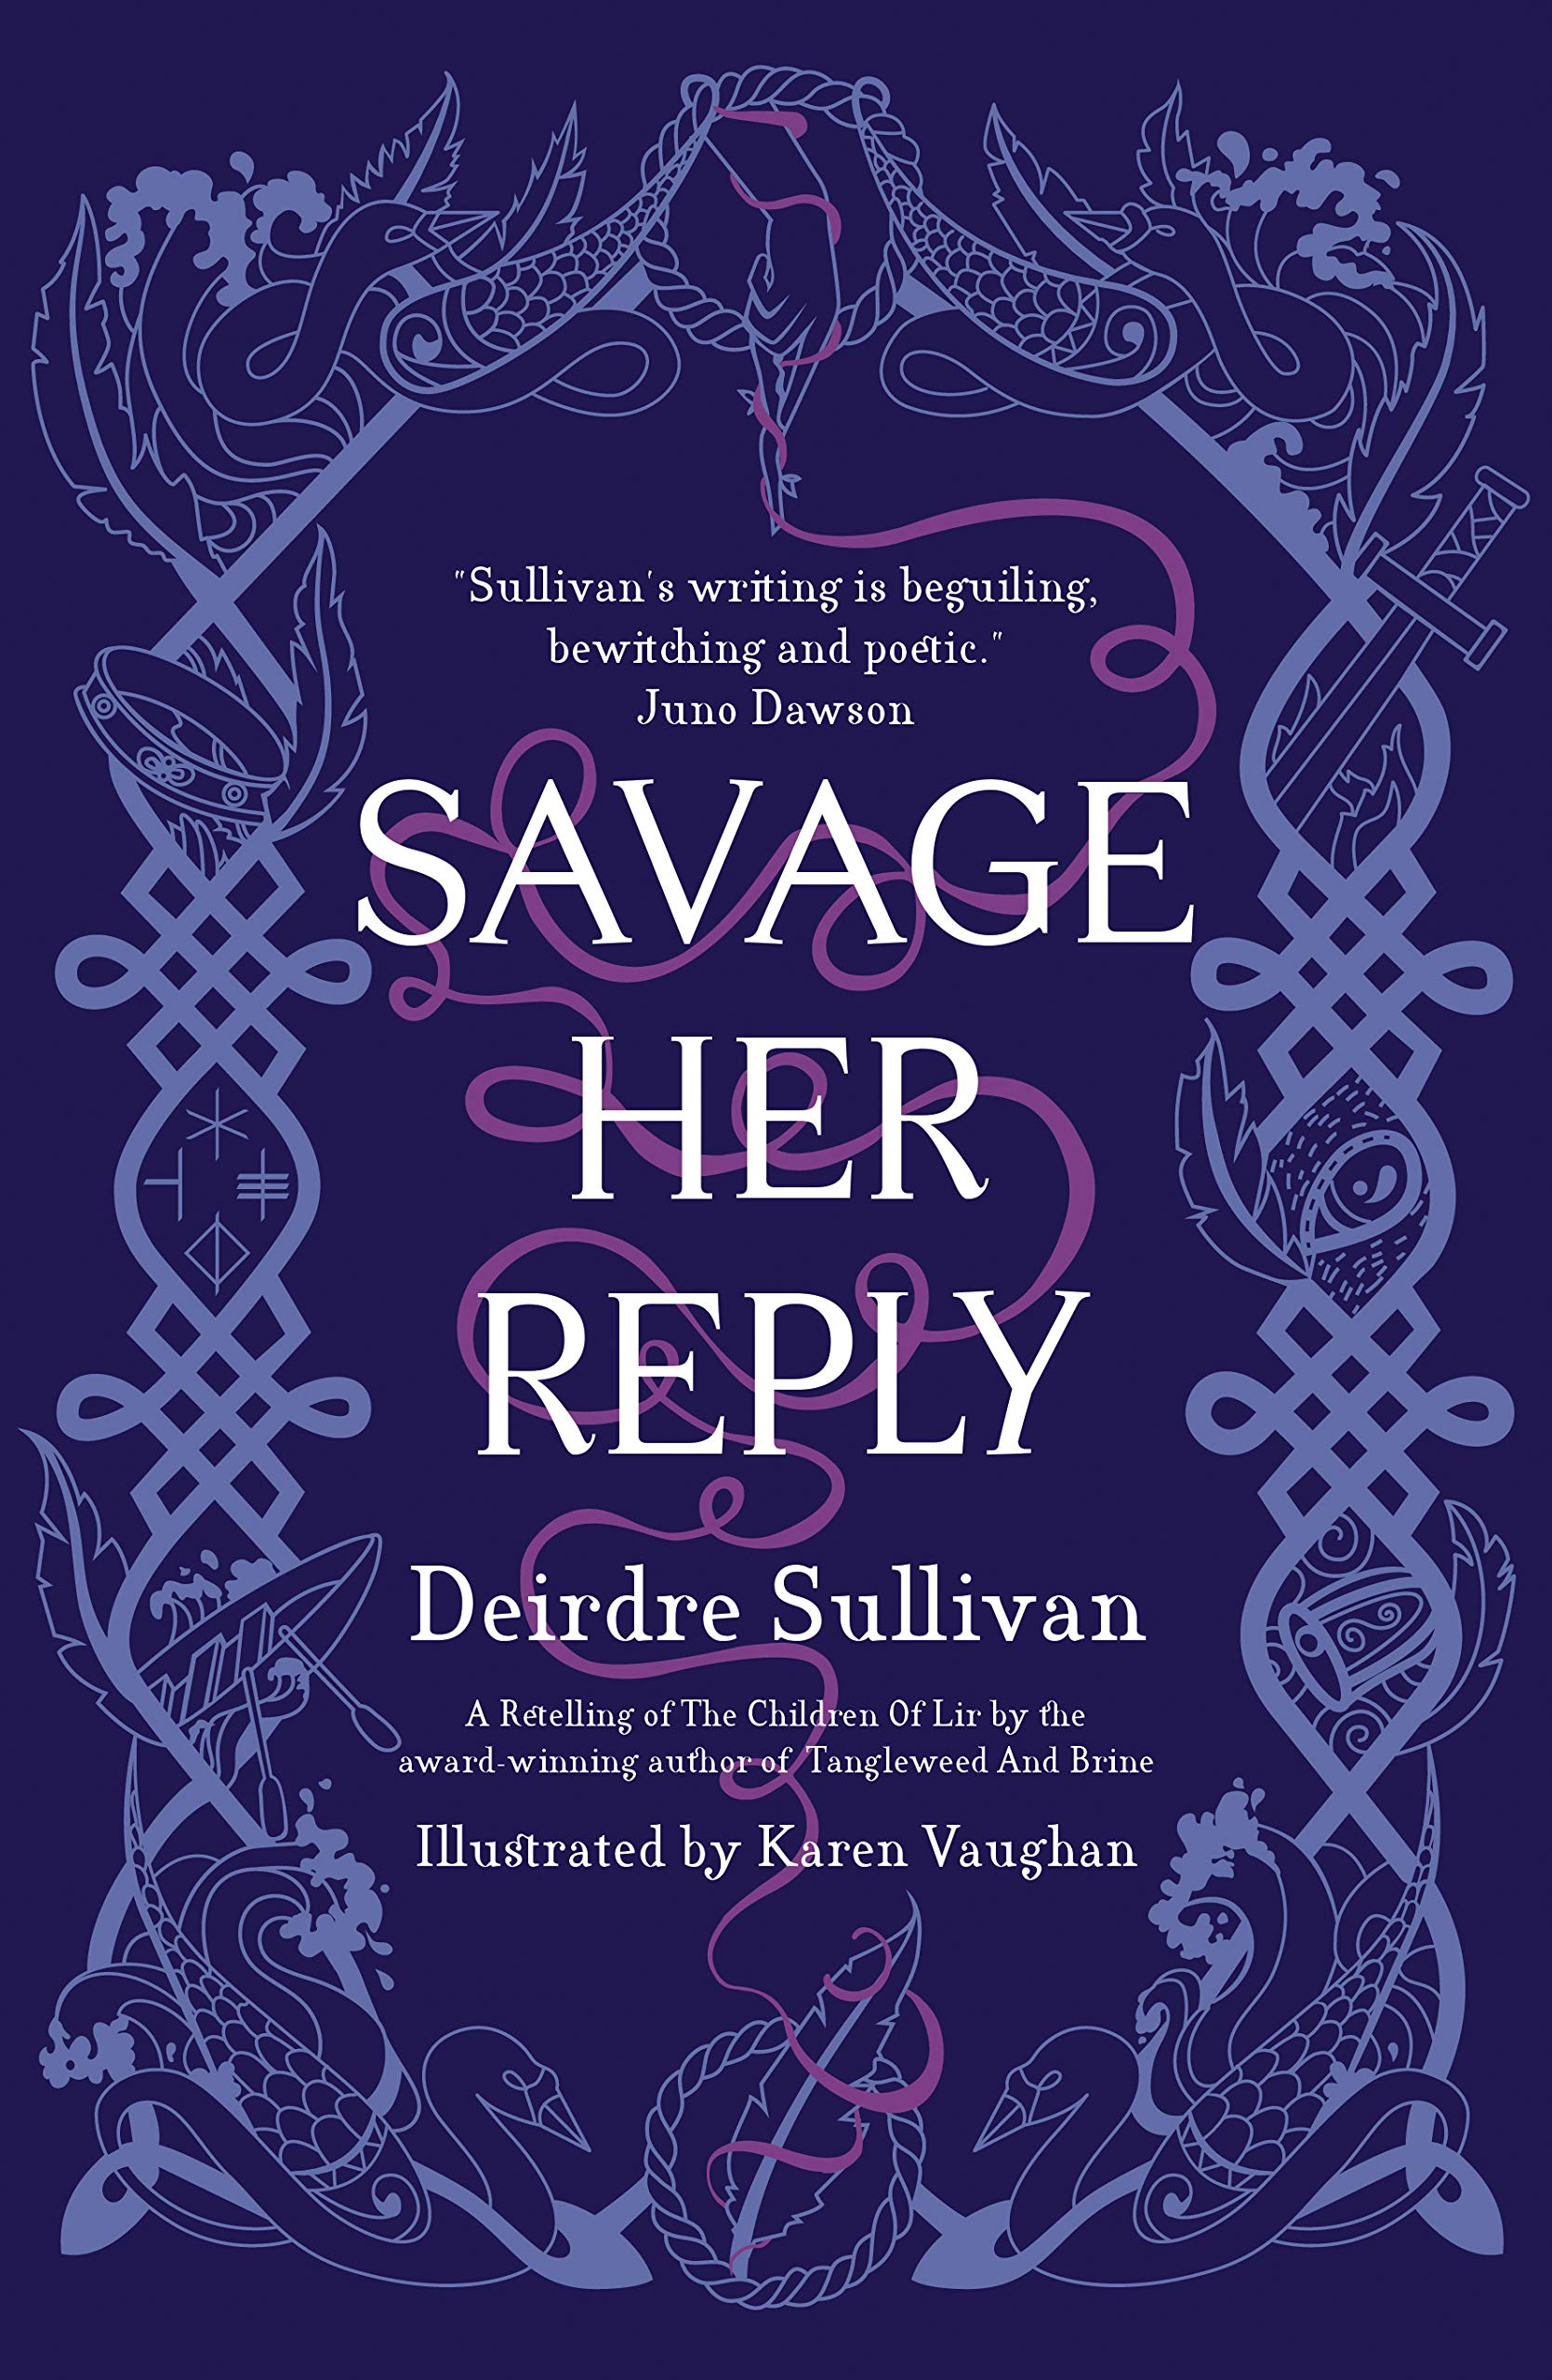 Savage Her Reply: Amazon.co.uk: Deirdre Sullivan, Karen Vaughan, Karen  Vaughan: 9781912417643: Books